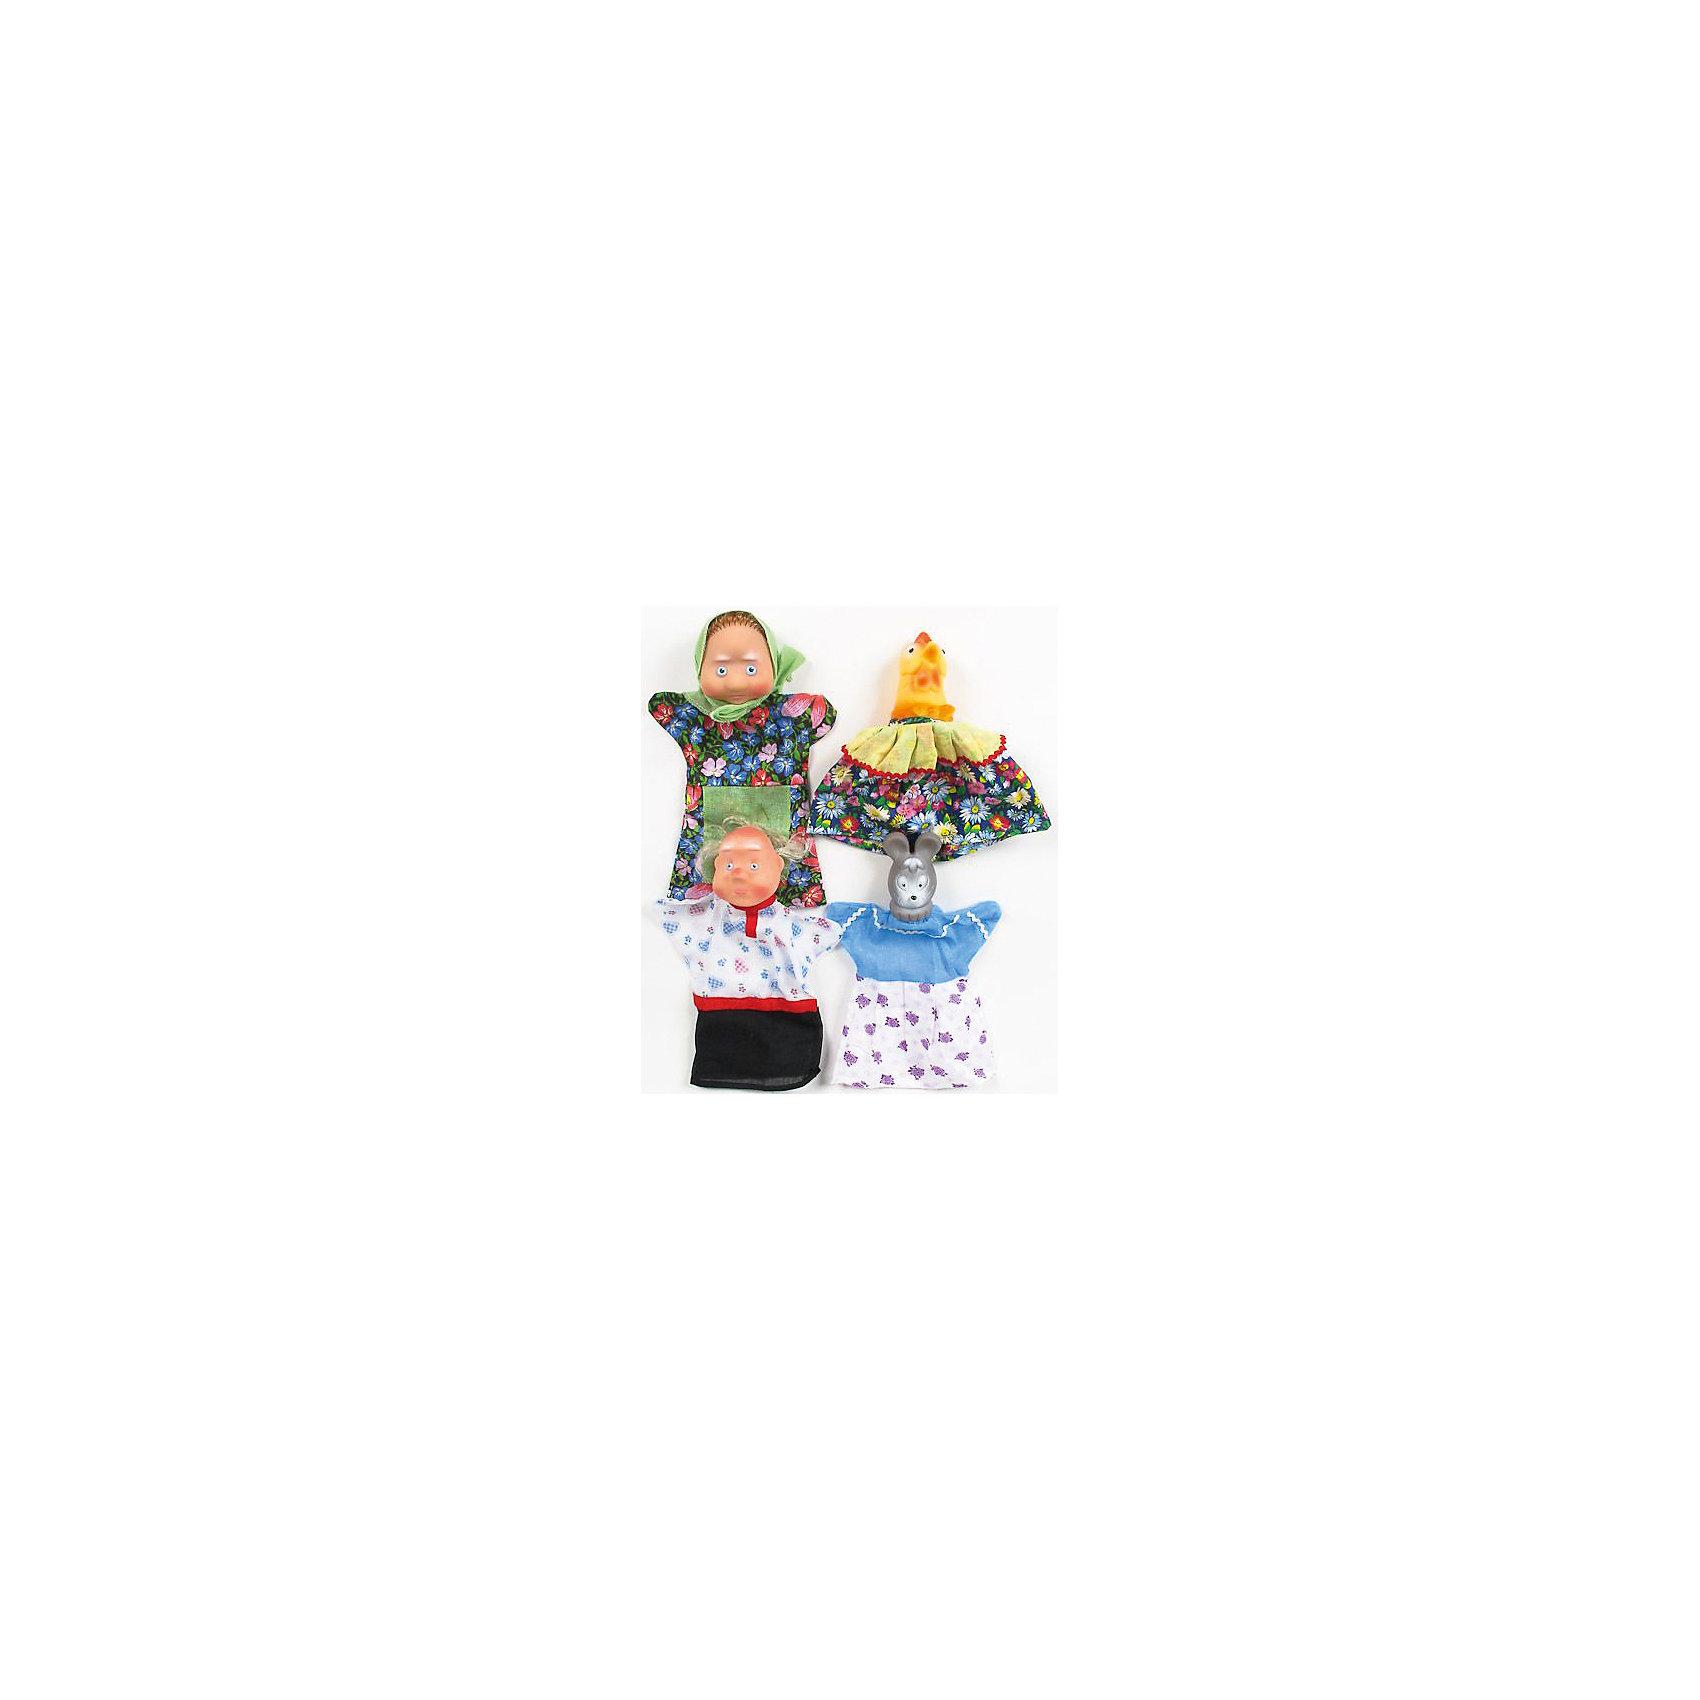 Кукольный театр Курочка ряба (4 перс.), Русский стильМягкие игрушки на руку<br>Отличный набор для домашних импровизированных спектаклей! <br>Проводите больше времени со своим малышом, за такой интересной, развивающей театральной игрой. <br><br>Дополнительная информация:<br><br>- Возраст: от 3 лет.<br>- Размер платья (у всех персонажей одинаковый размер): 21х0,5х23 см.<br>- Размер головы куклы Бабка: 7х7х9 см.<br>- Размер головы куклы Мышь: 5х6х8,5 см.<br>- Размер головы куклы Дед: 6,5х7,5х8,5 см.<br>- Размер головы куклы Курочка: 5,5х6,5х7,5 см<br>- Материал: ПВХ, пластизоля и ситца.<br>- Размер упаковки: 30х10х21,5 см.<br>- Вес в упаковке: 300 г.<br><br>Купить кукольный театр Курочка ряба можно в нашем магазине.<br><br>Ширина мм: 300<br>Глубина мм: 100<br>Высота мм: 215<br>Вес г: 300<br>Возраст от месяцев: 36<br>Возраст до месяцев: 60<br>Пол: Унисекс<br>Возраст: Детский<br>SKU: 4879309